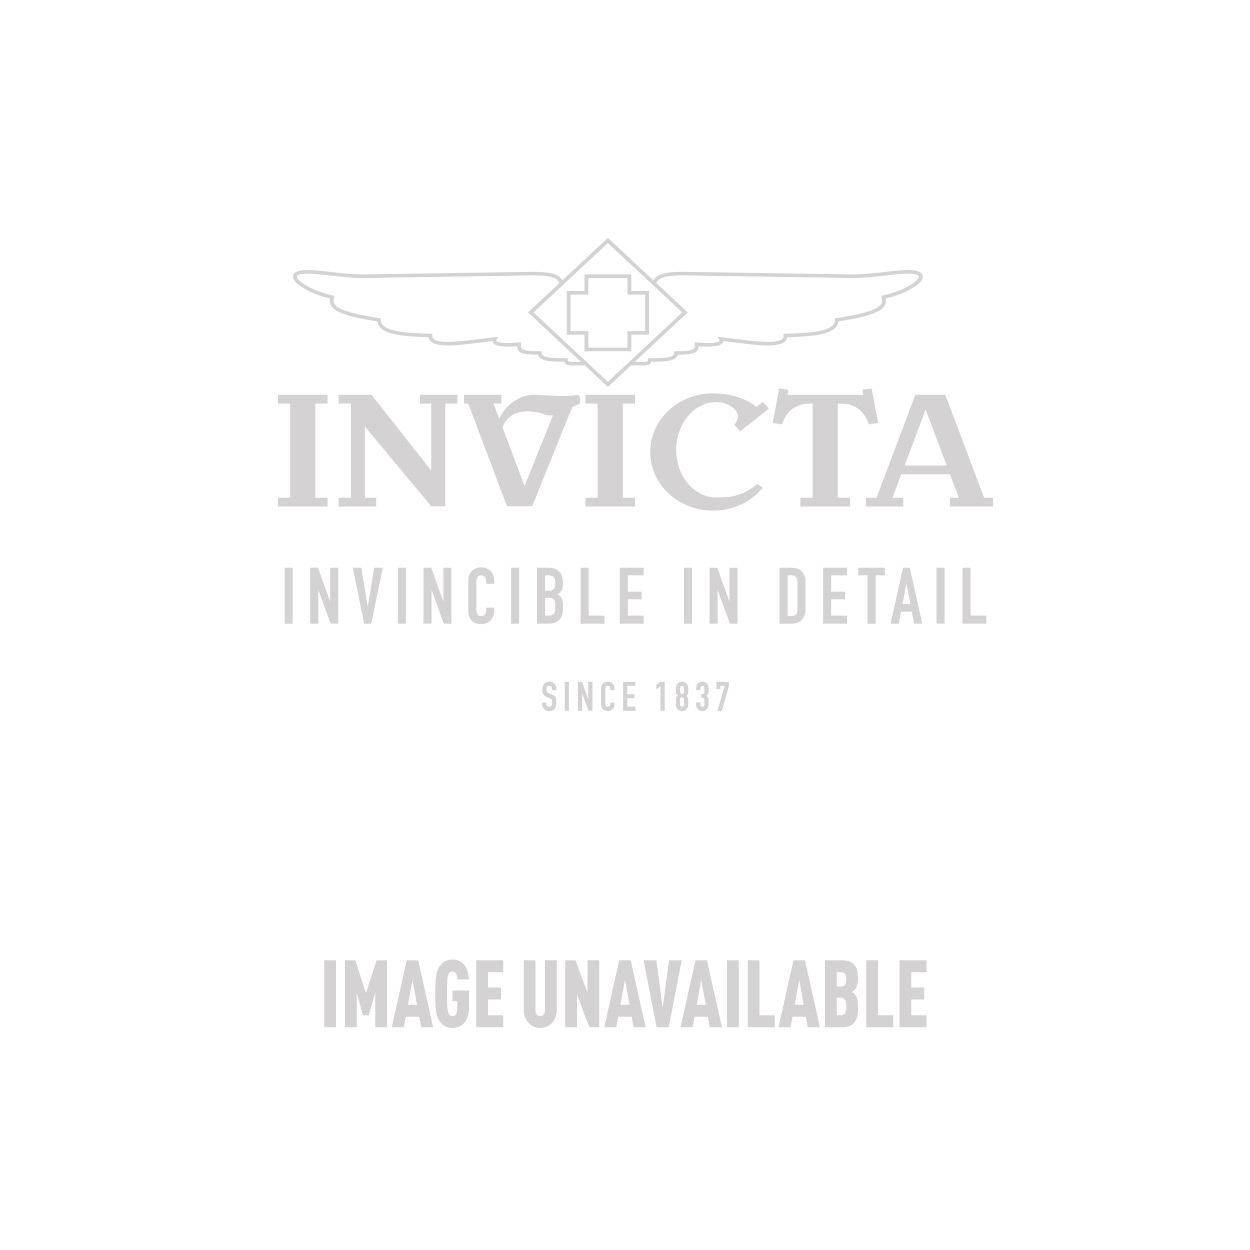 Invicta Model  26524